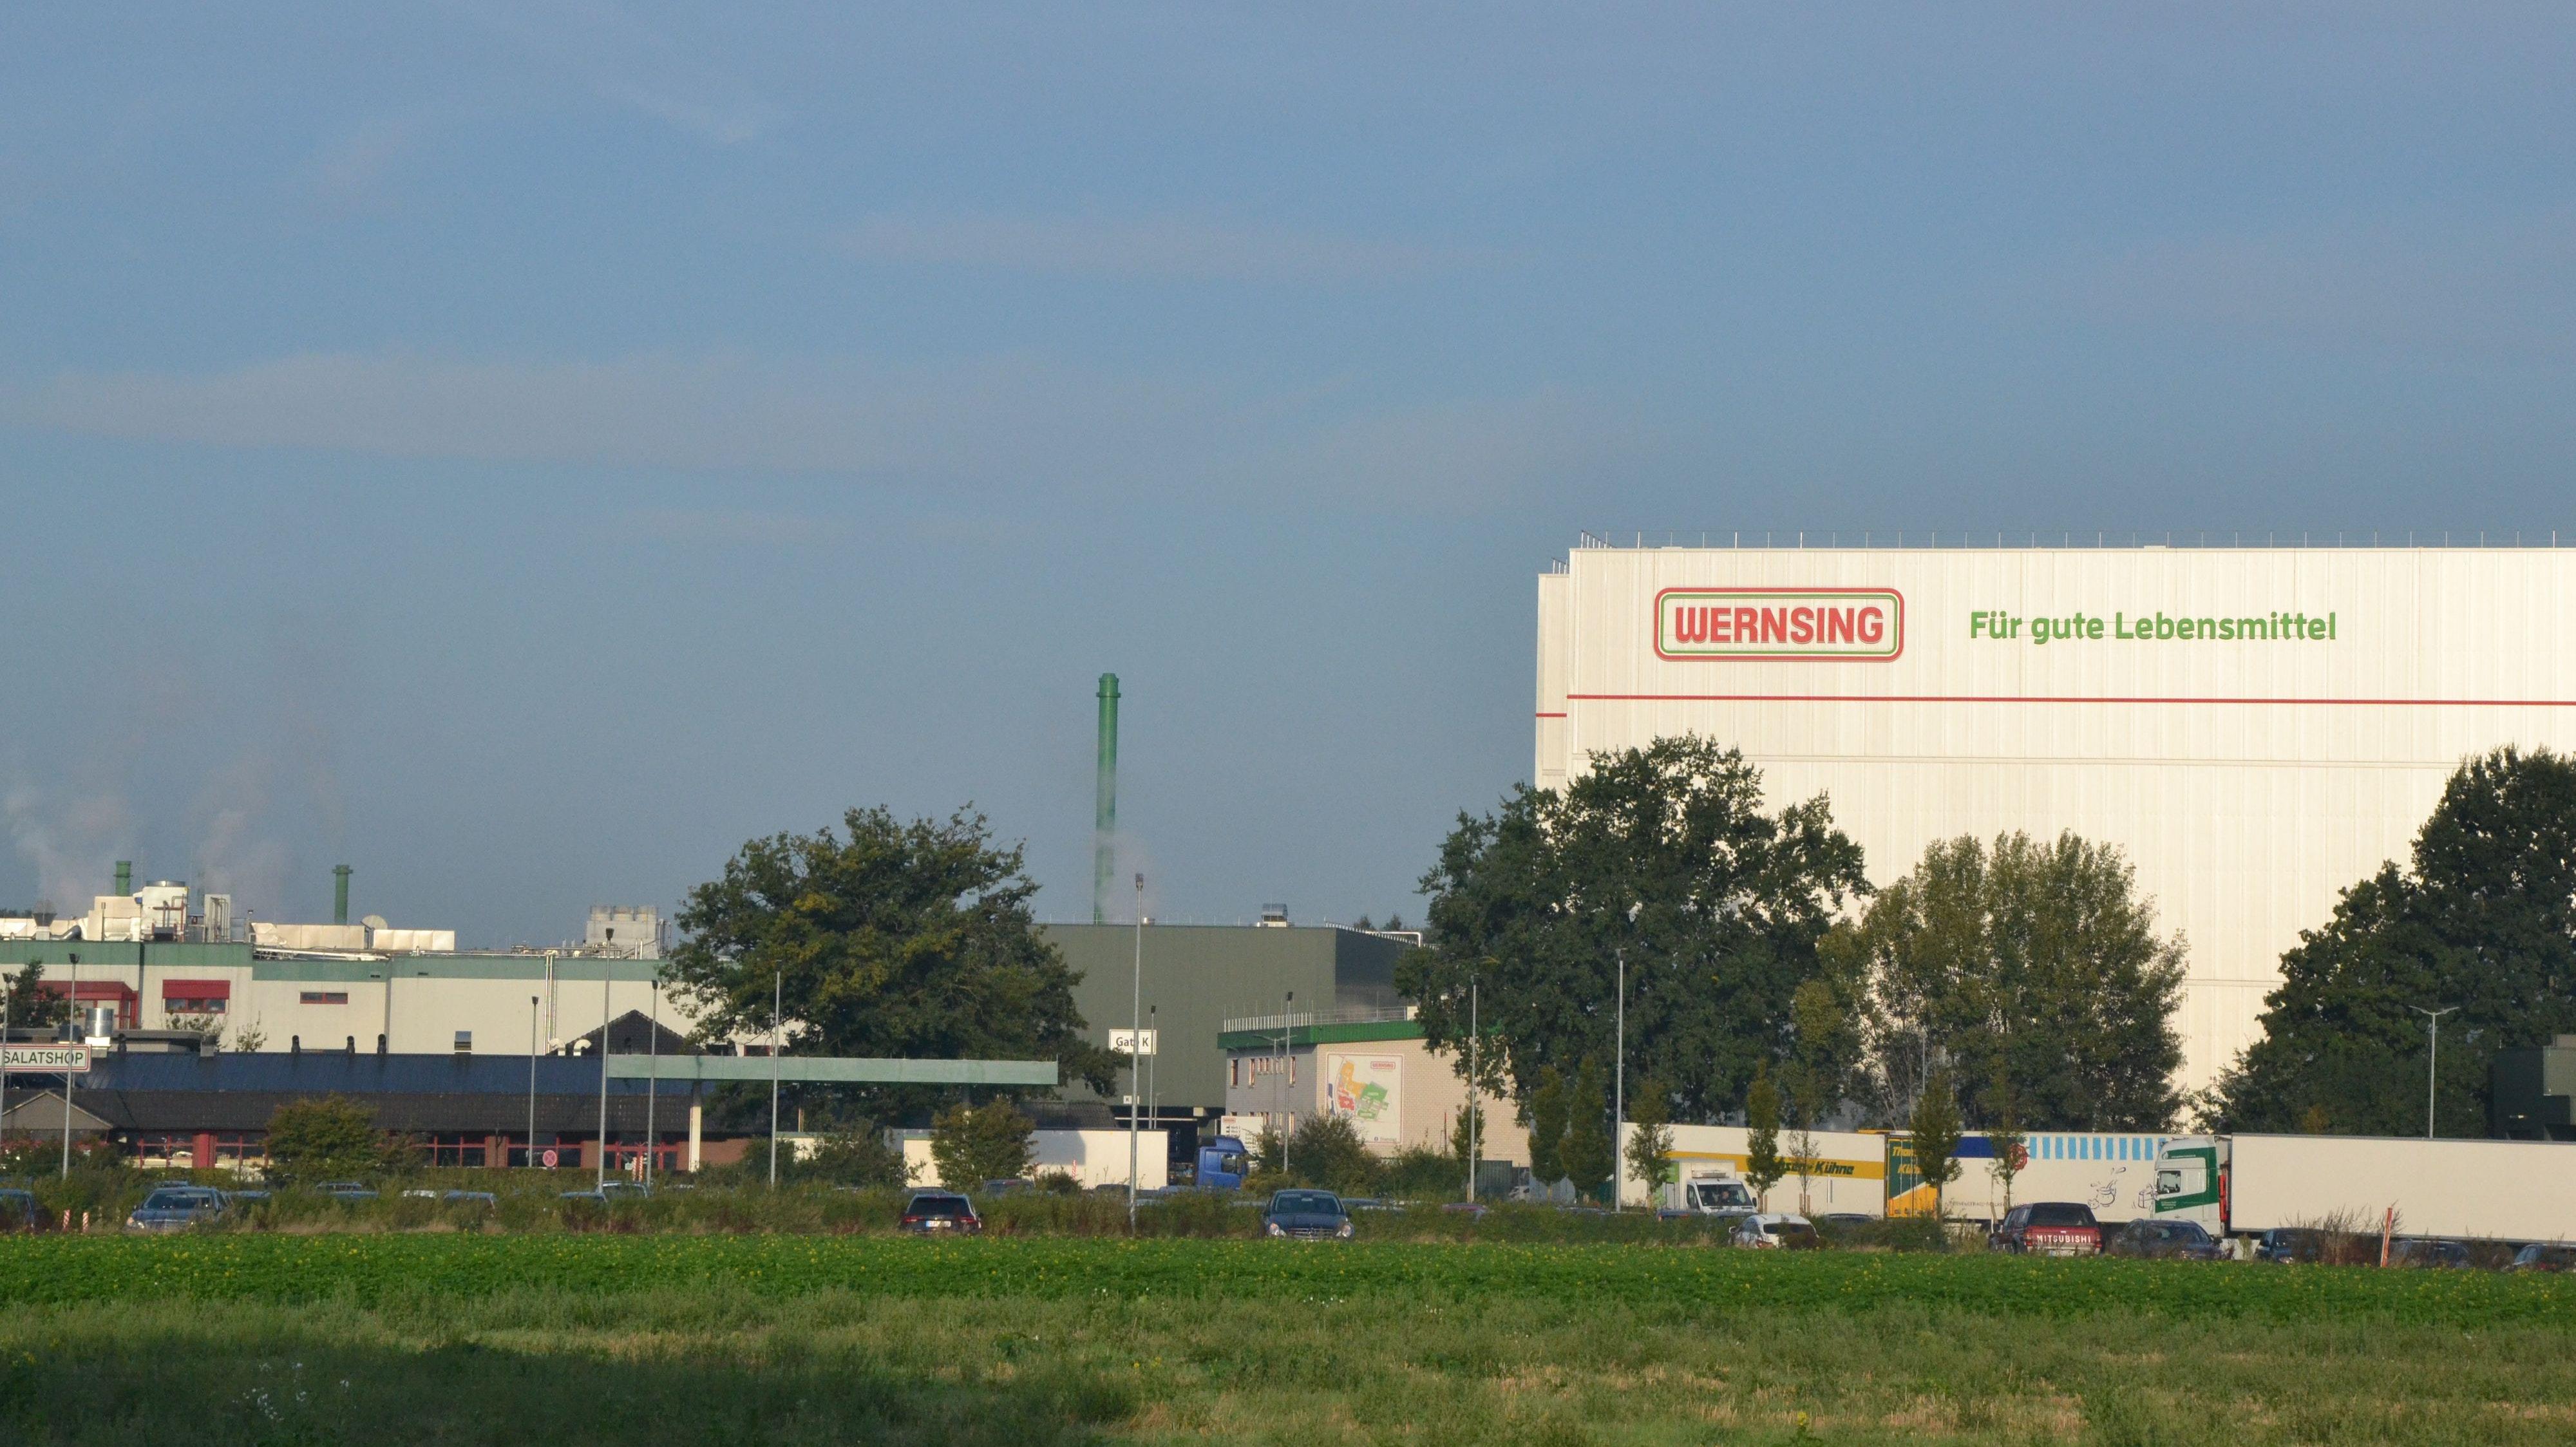 Plant weiter: Die Wernsing-Feinkost GmbH betreibt am Standort Addrup ein großes Werk. Bald sollen mehrere neue Gebäude hinzukommen. Foto: Meyer